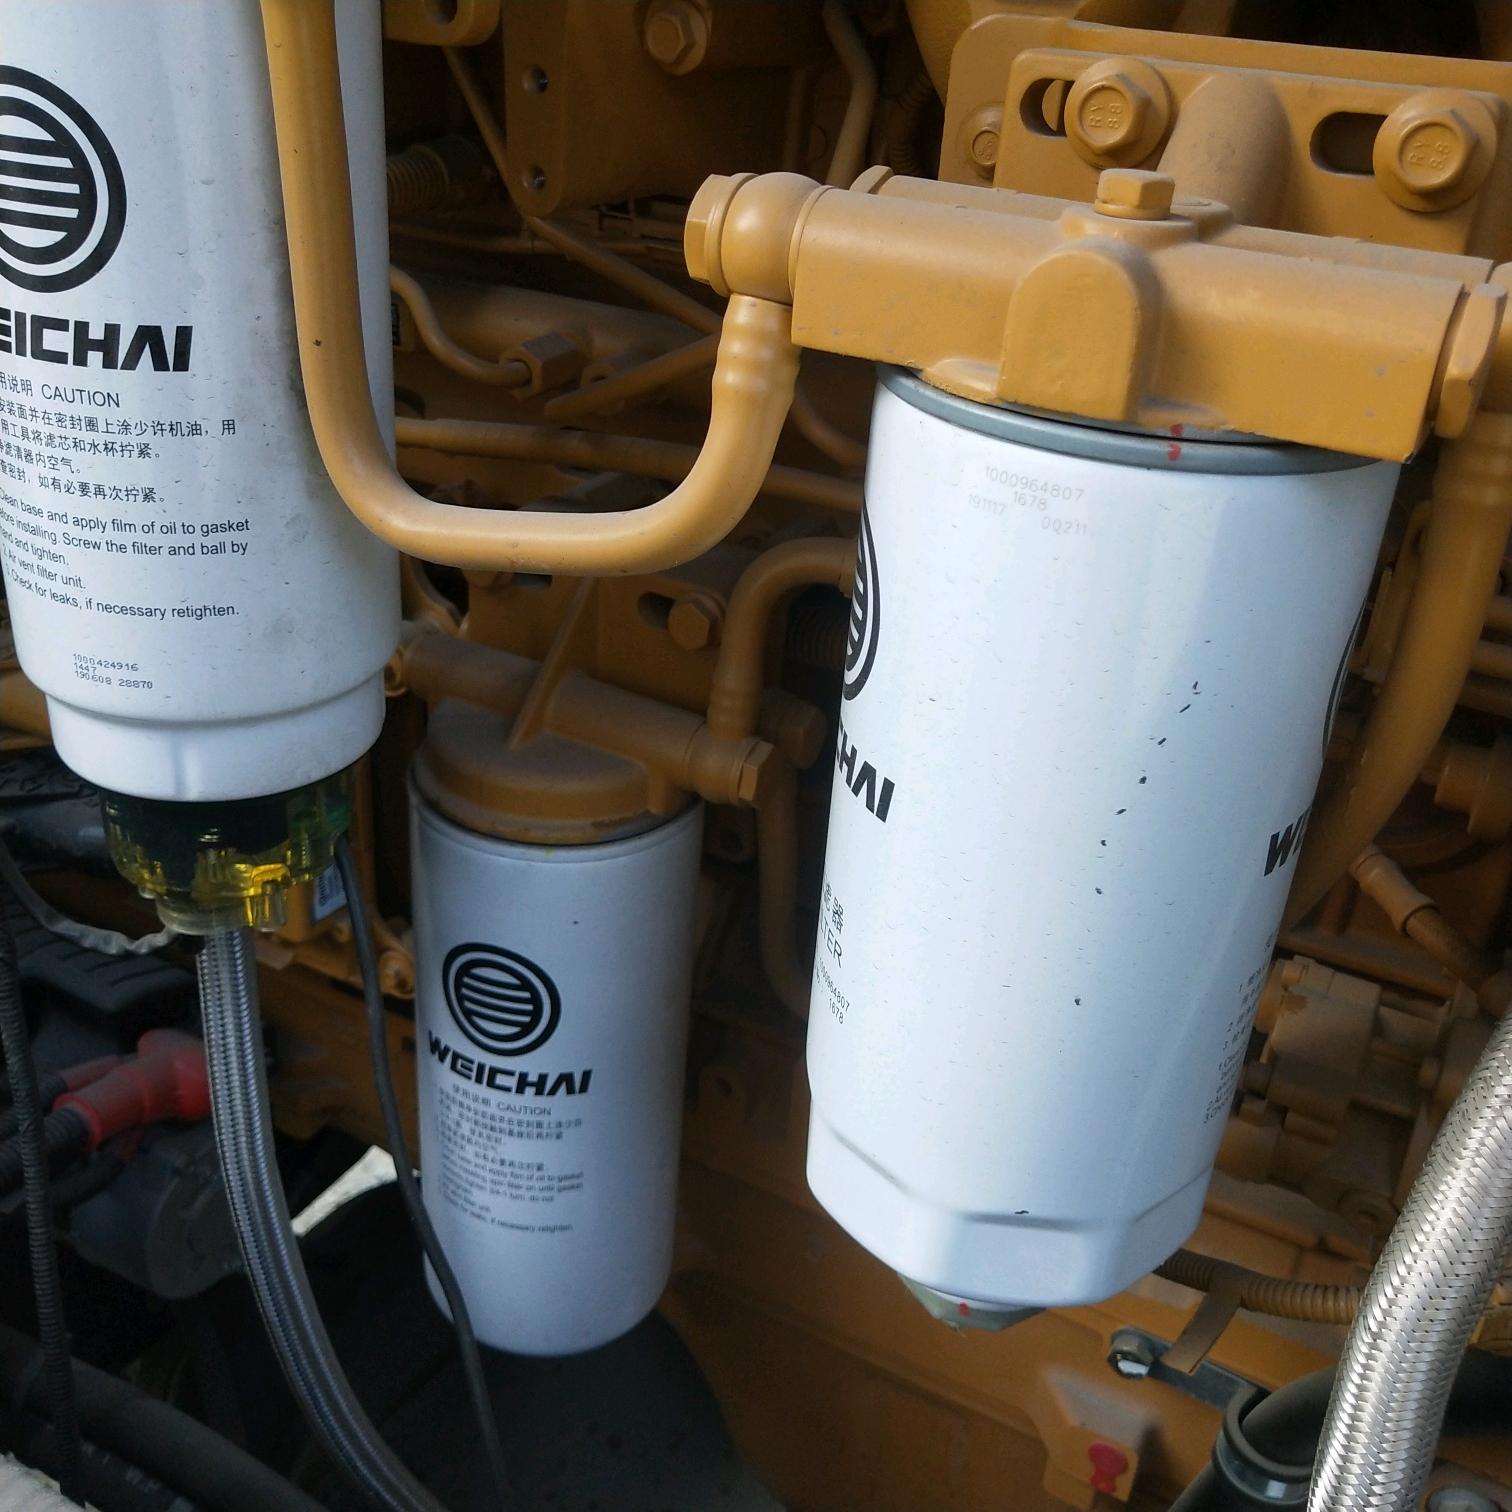 正确了解燃油滤清器的保养